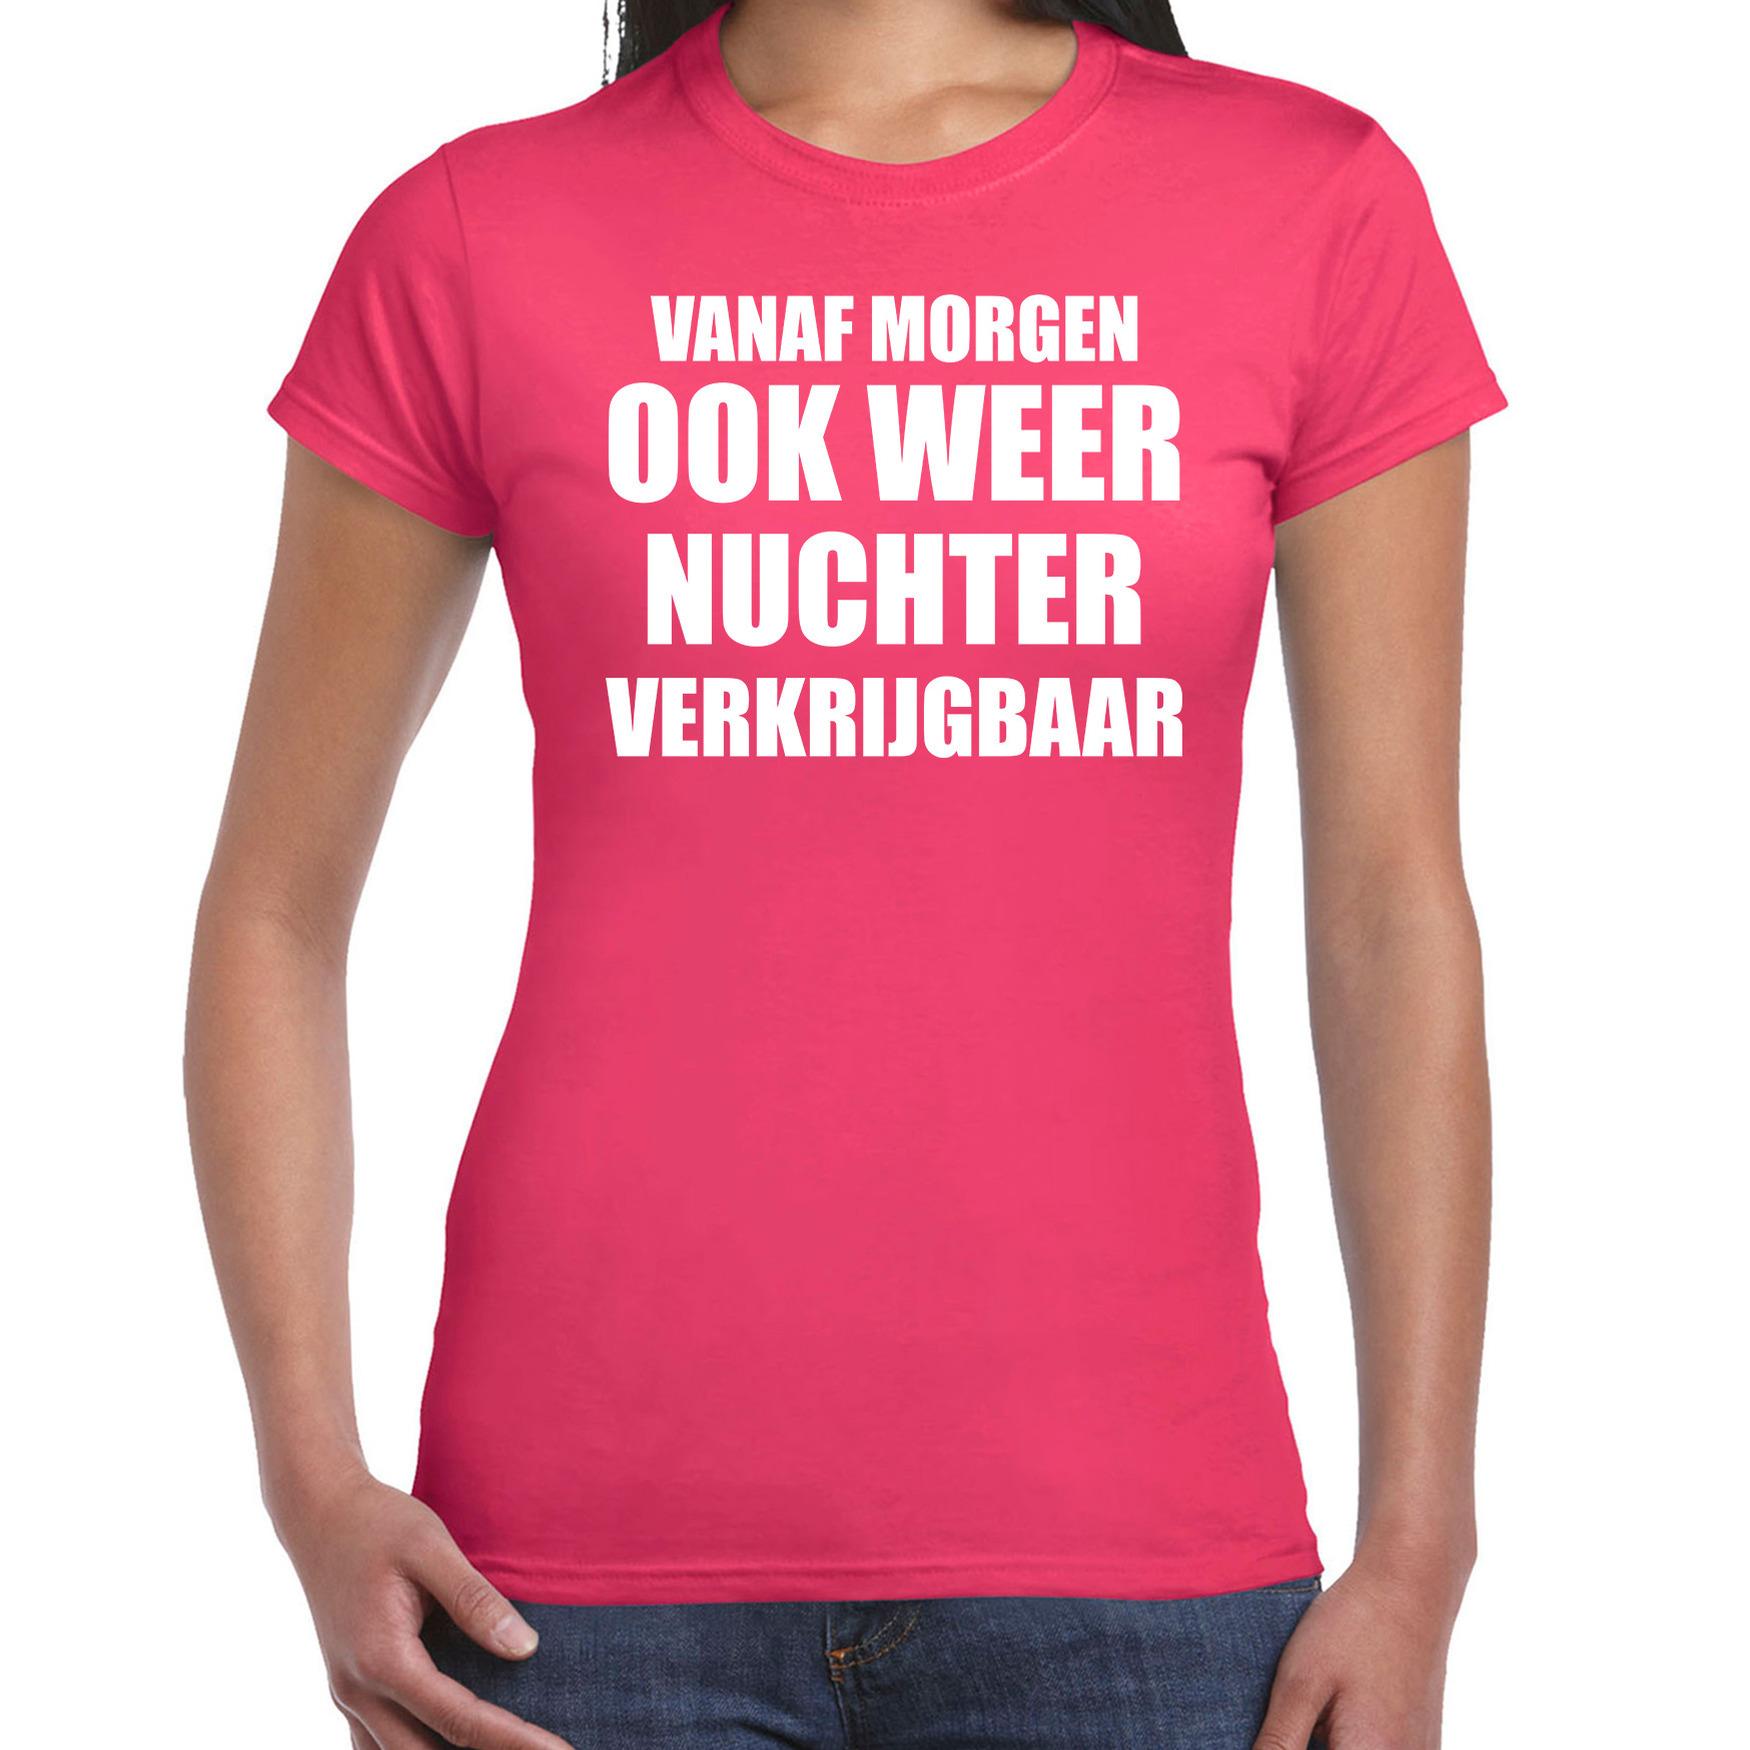 Feest t-shirt morgen nuchter verkrijgbaar roze voor dames XS -